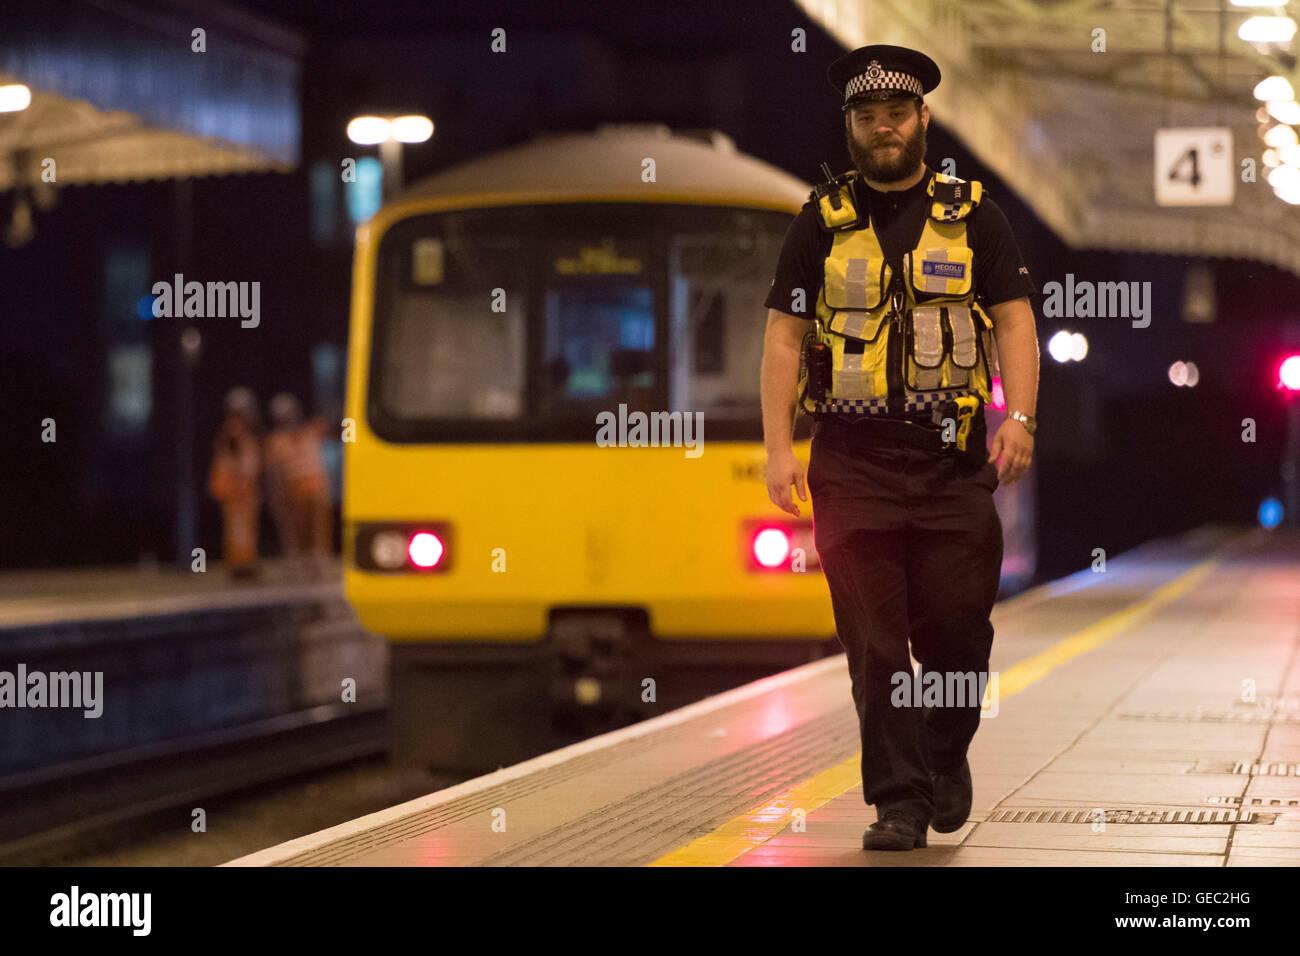 British Transport Police (BTP) ufficiale di pattuglia a Cardiff stazione ferroviaria centrale. Immagini Stock